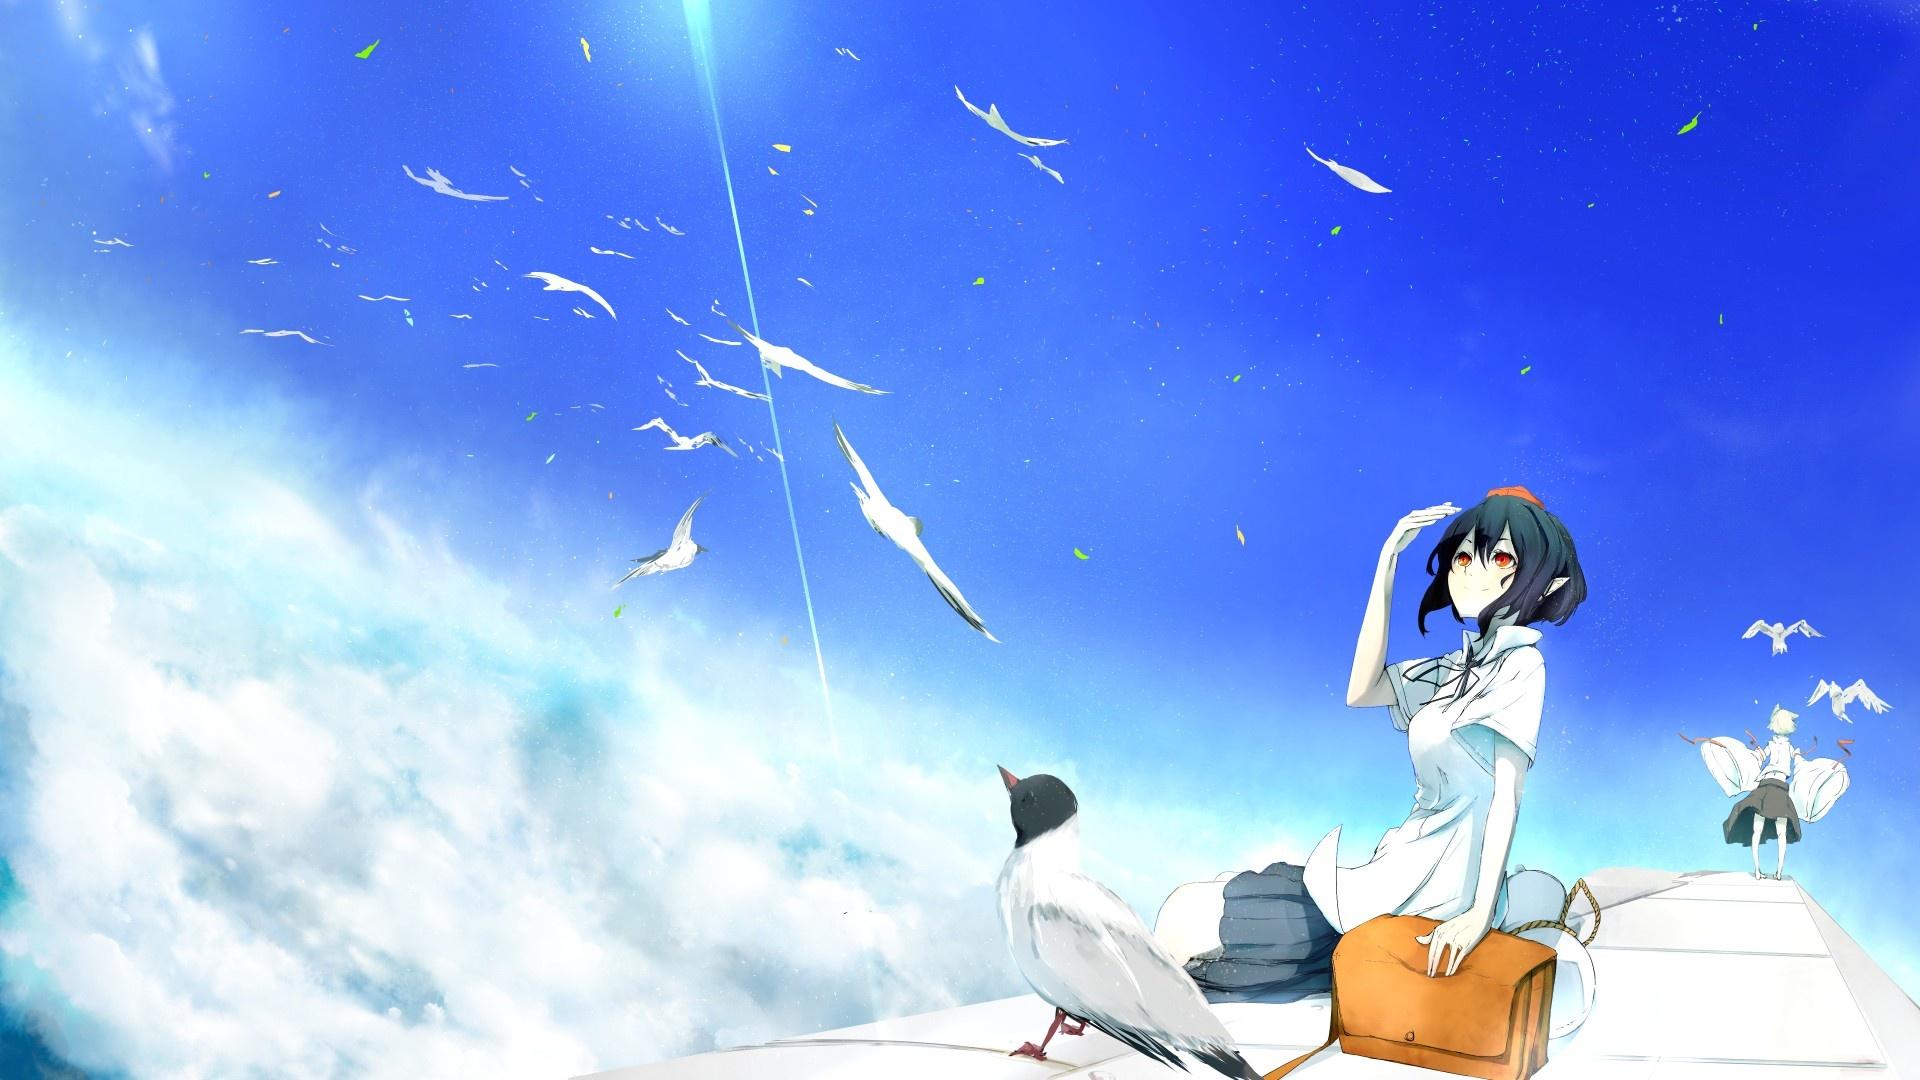 Anime Girls Flying desktop wallpaper hd